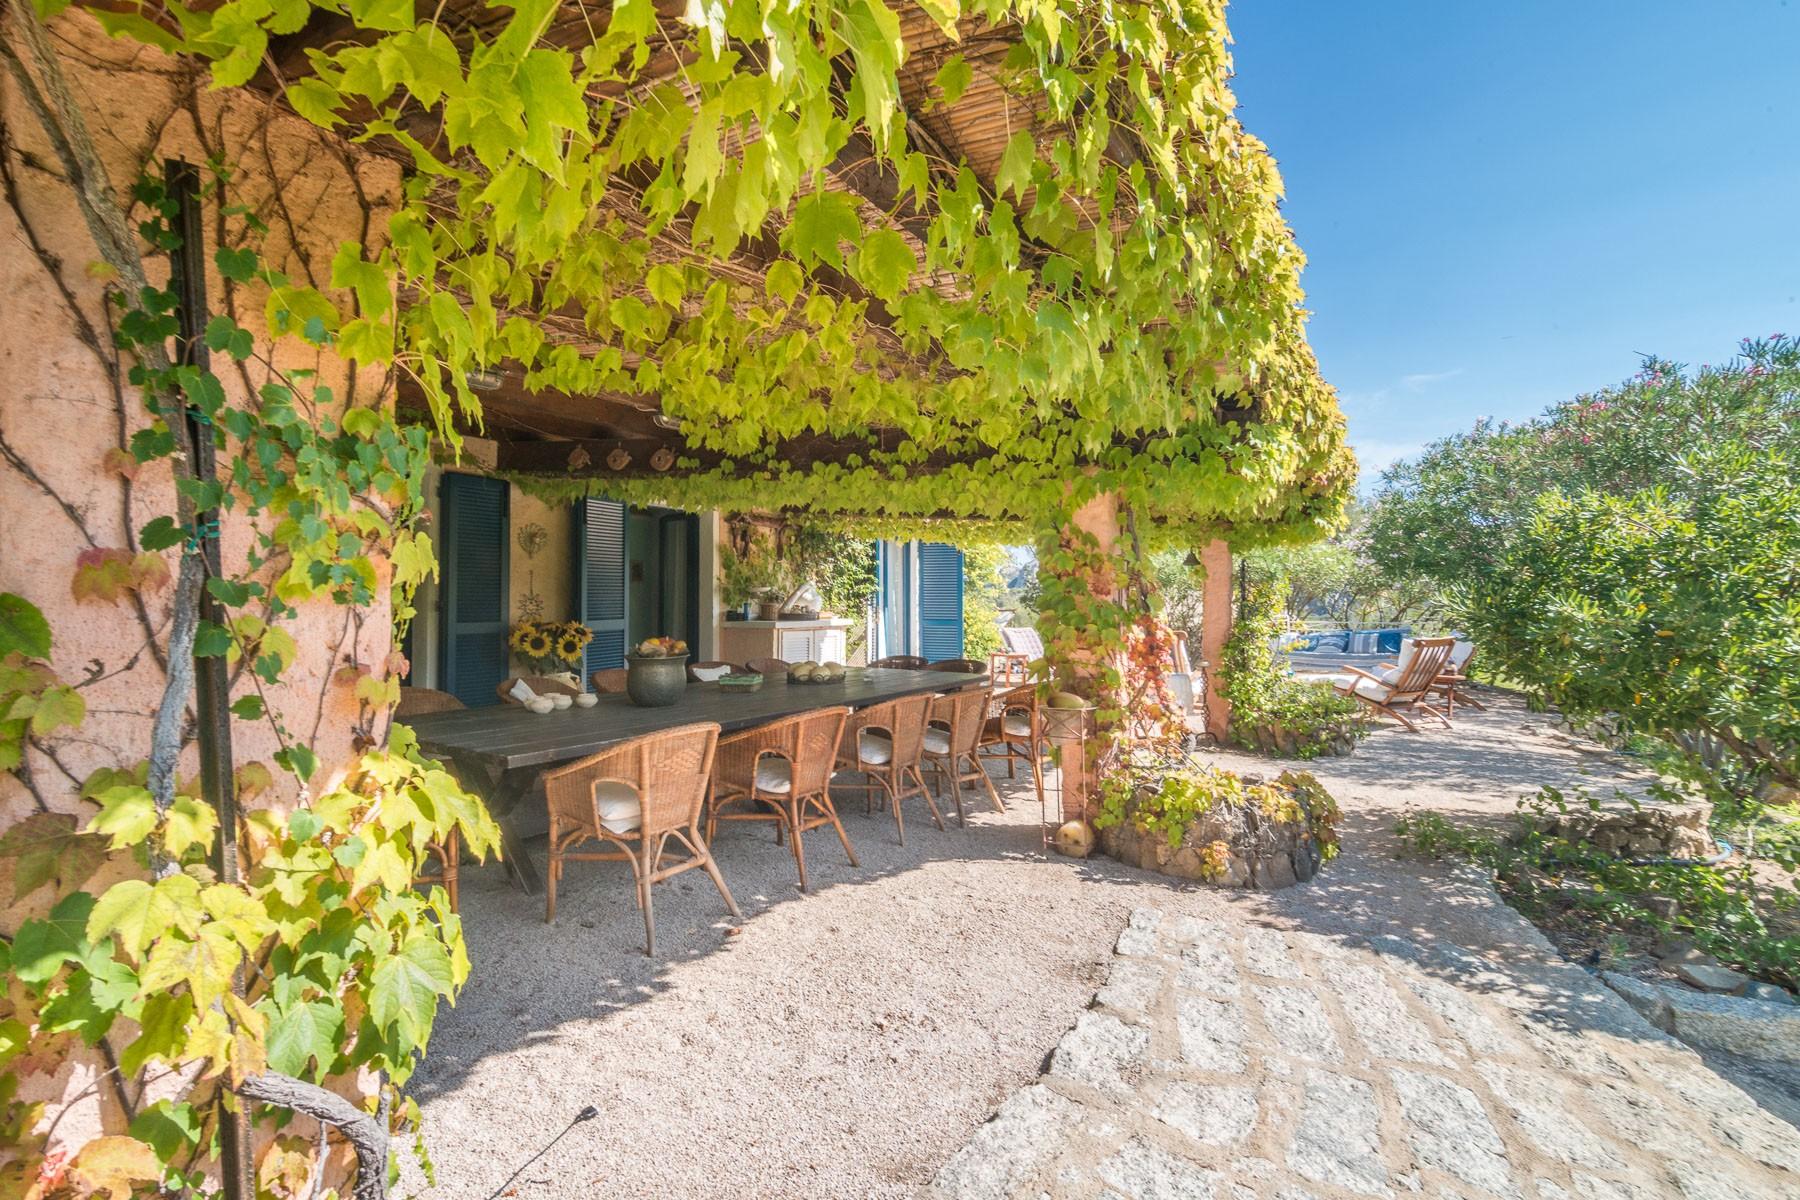 Casa indipendente in Vendita a Olbia: 5 locali, 230 mq